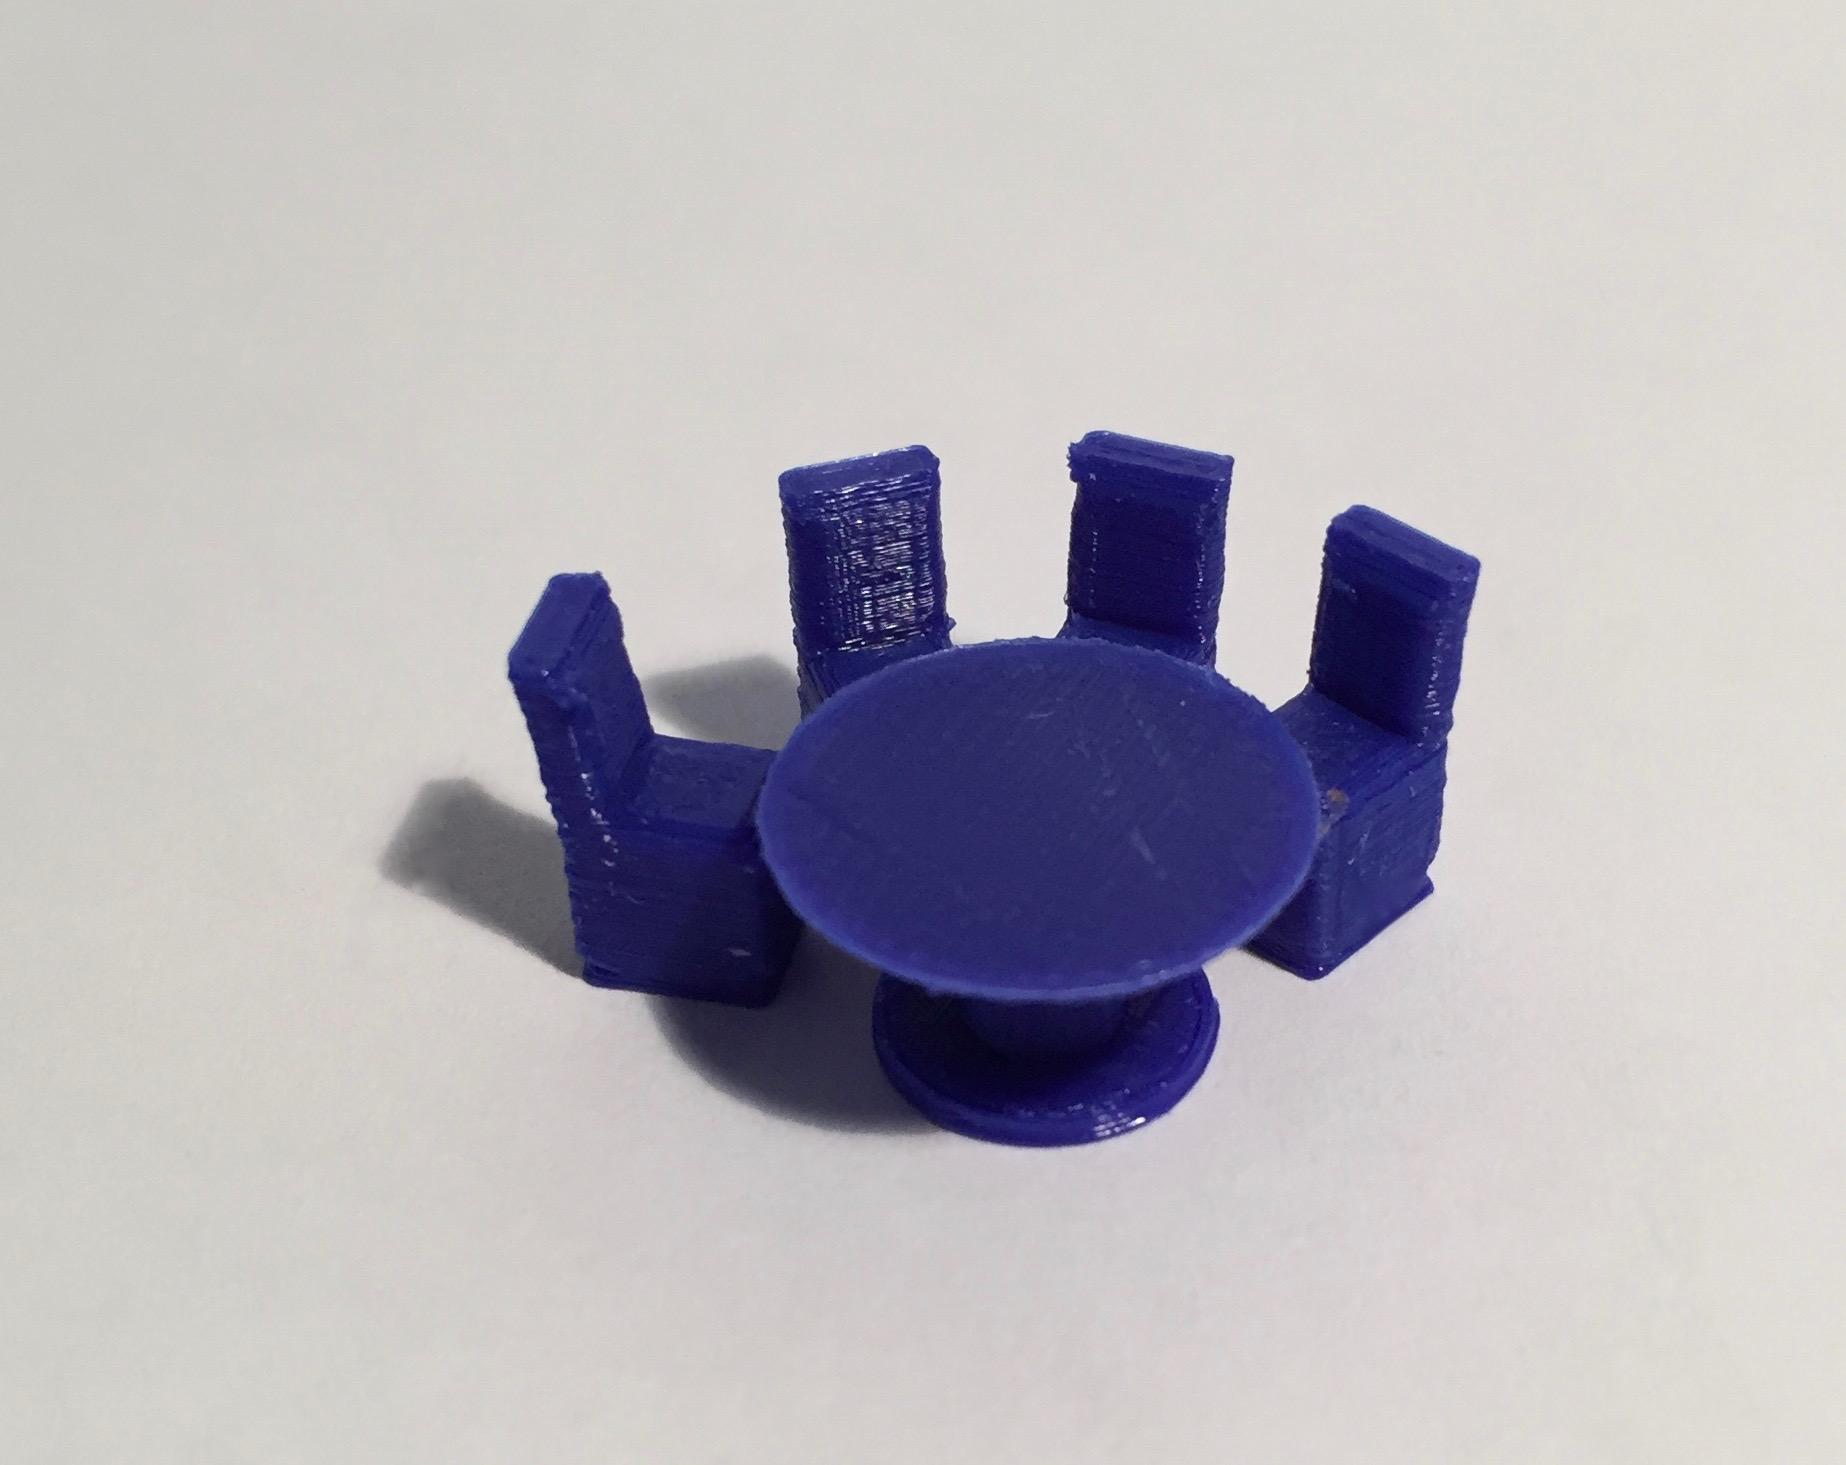 Chaise magnet maquette magn tique implantation 3d for Chaise d implantation